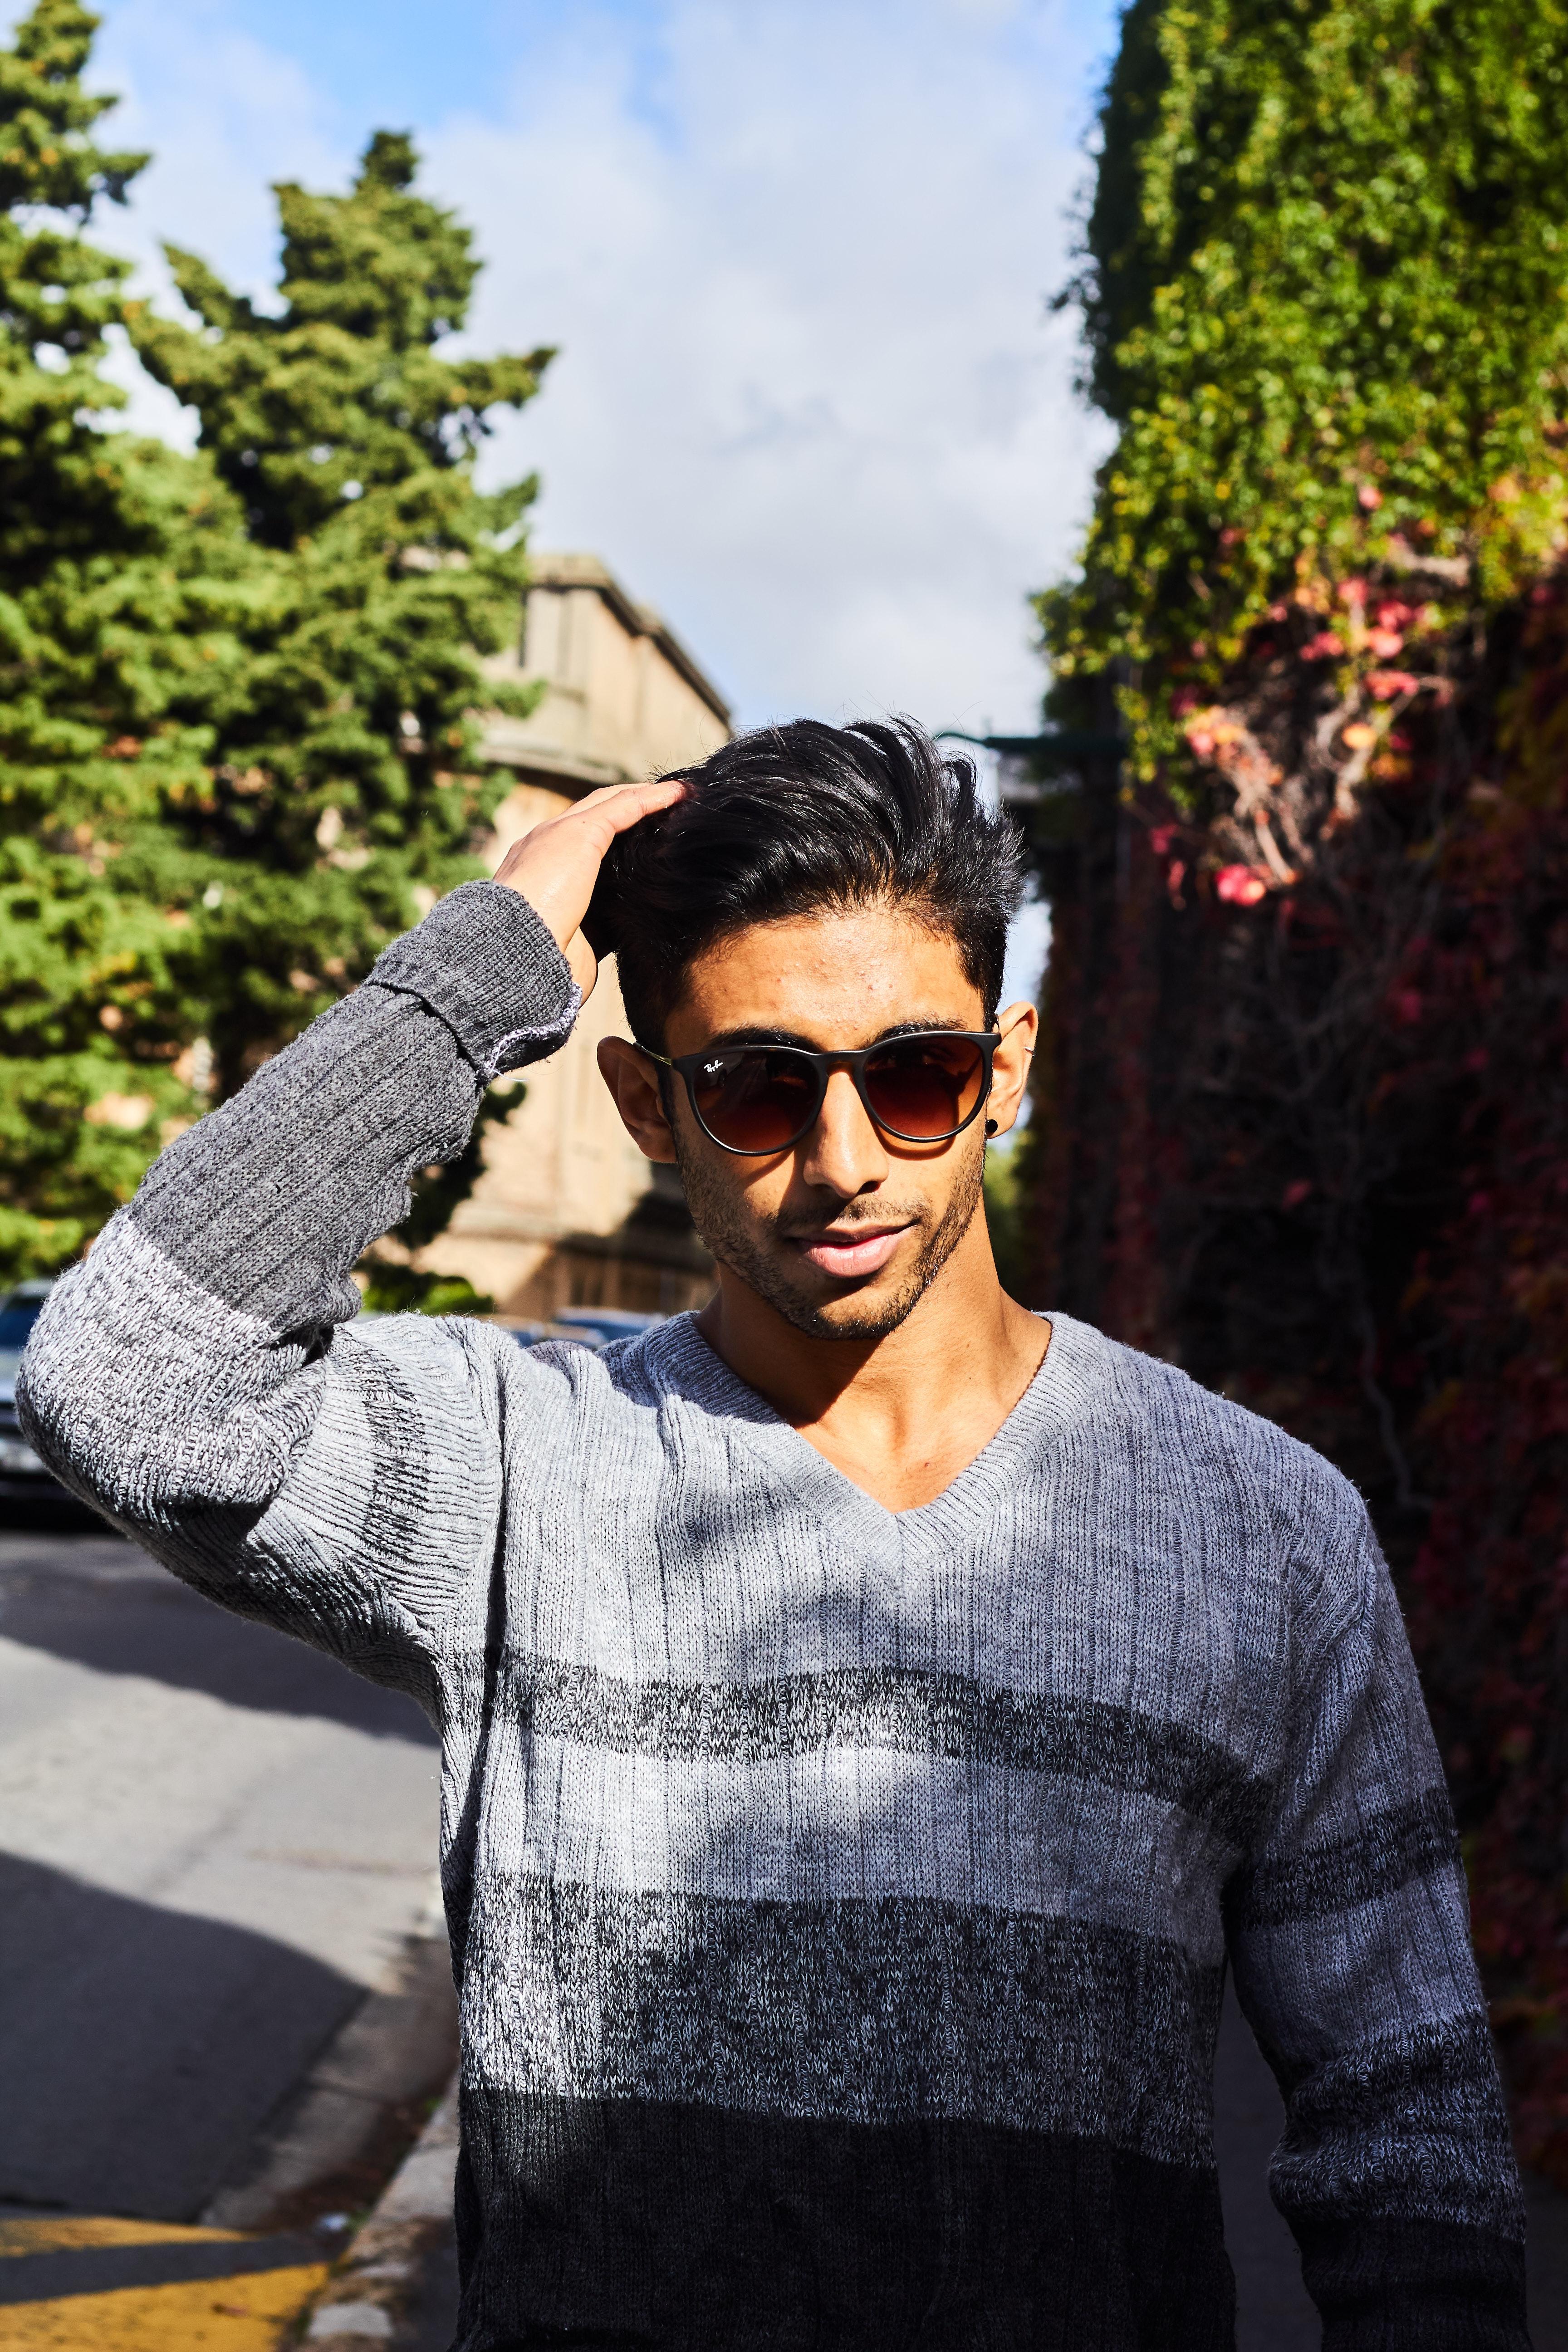 9a9edab0ad37 afslappet tøj dagslys briller mode fin leder frisure mand udendørs uden for  person positur stil solbriller